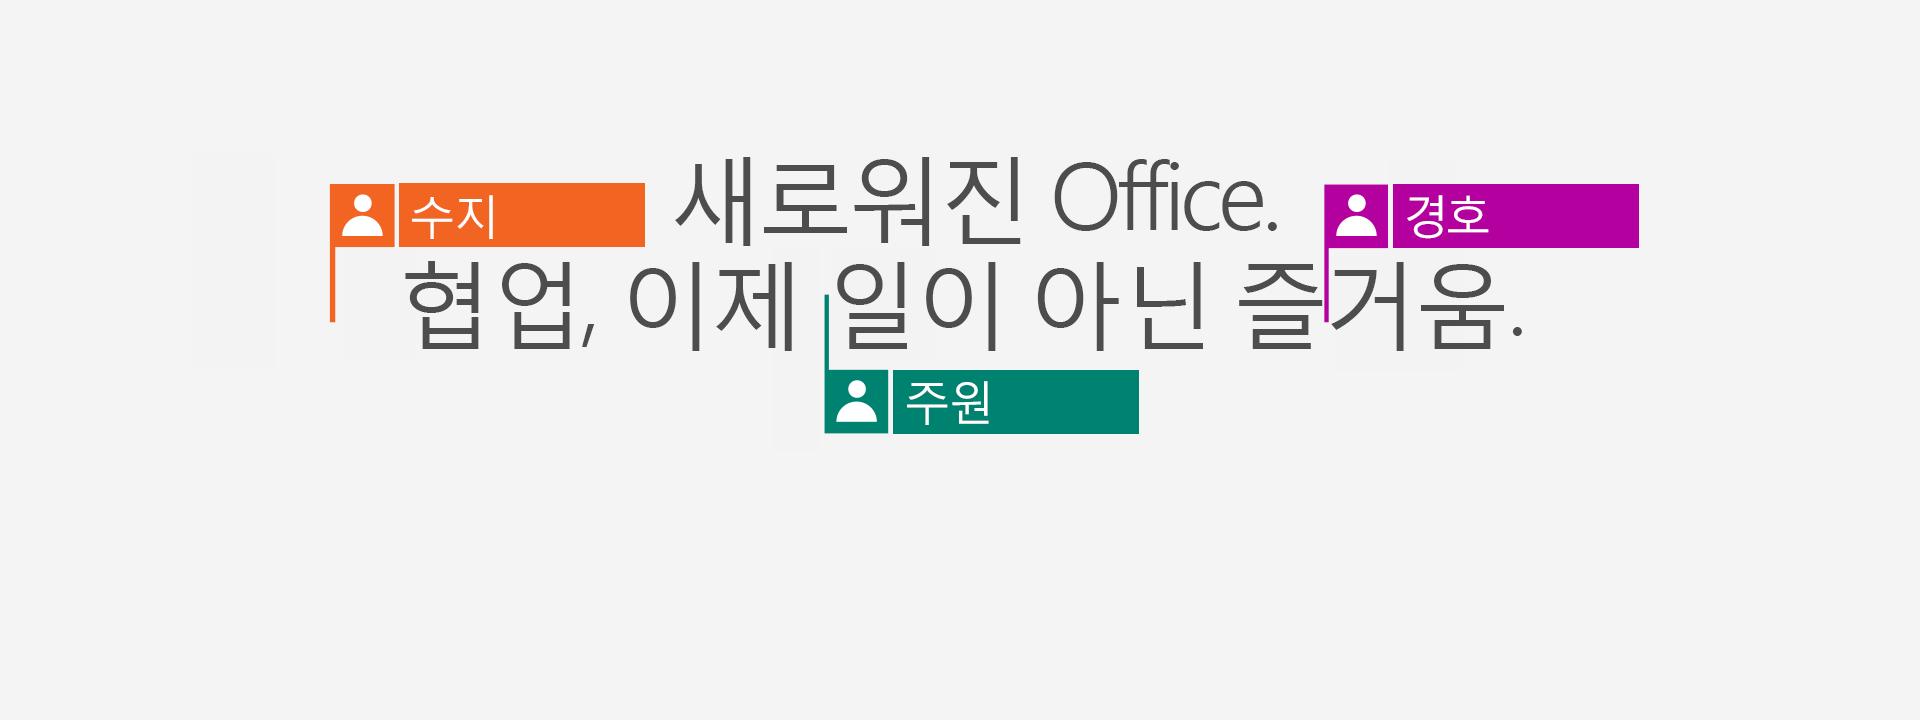 Office 365를 구매하고 새로운 2016 앱도 받으세요.